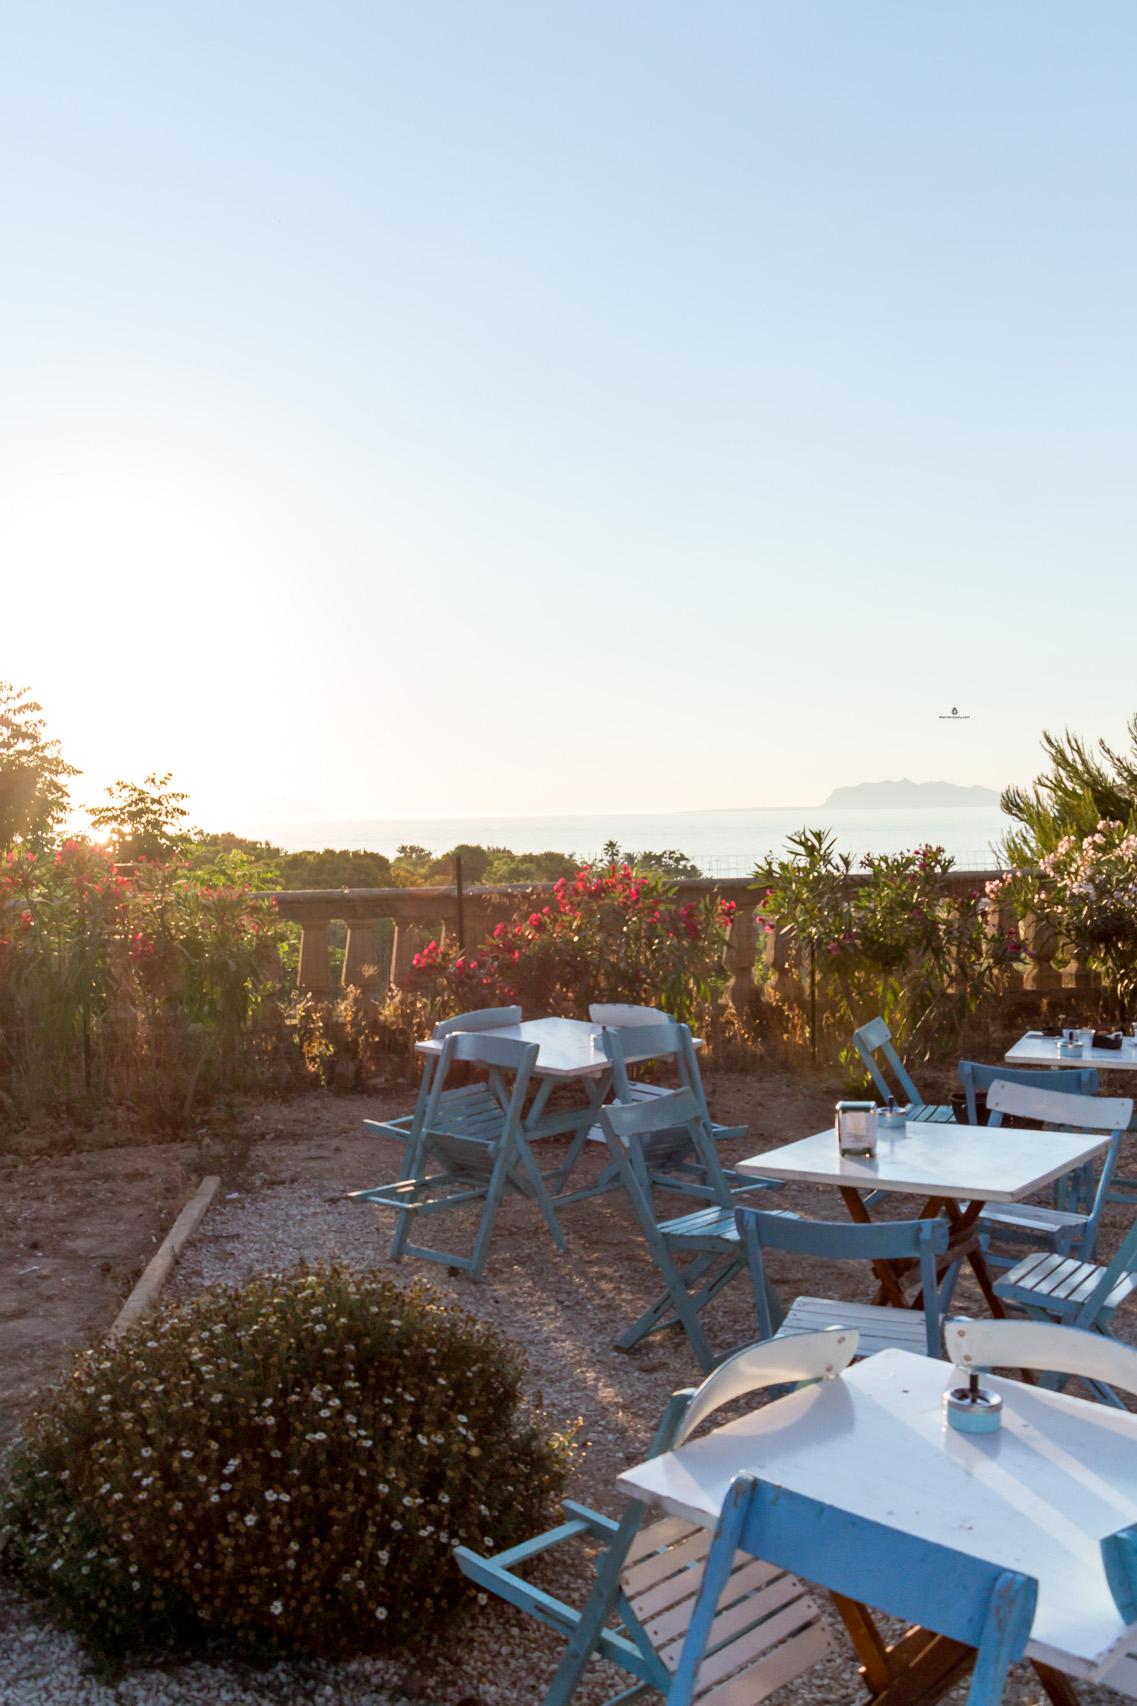 Marsala, views from Villa Cavalotti park